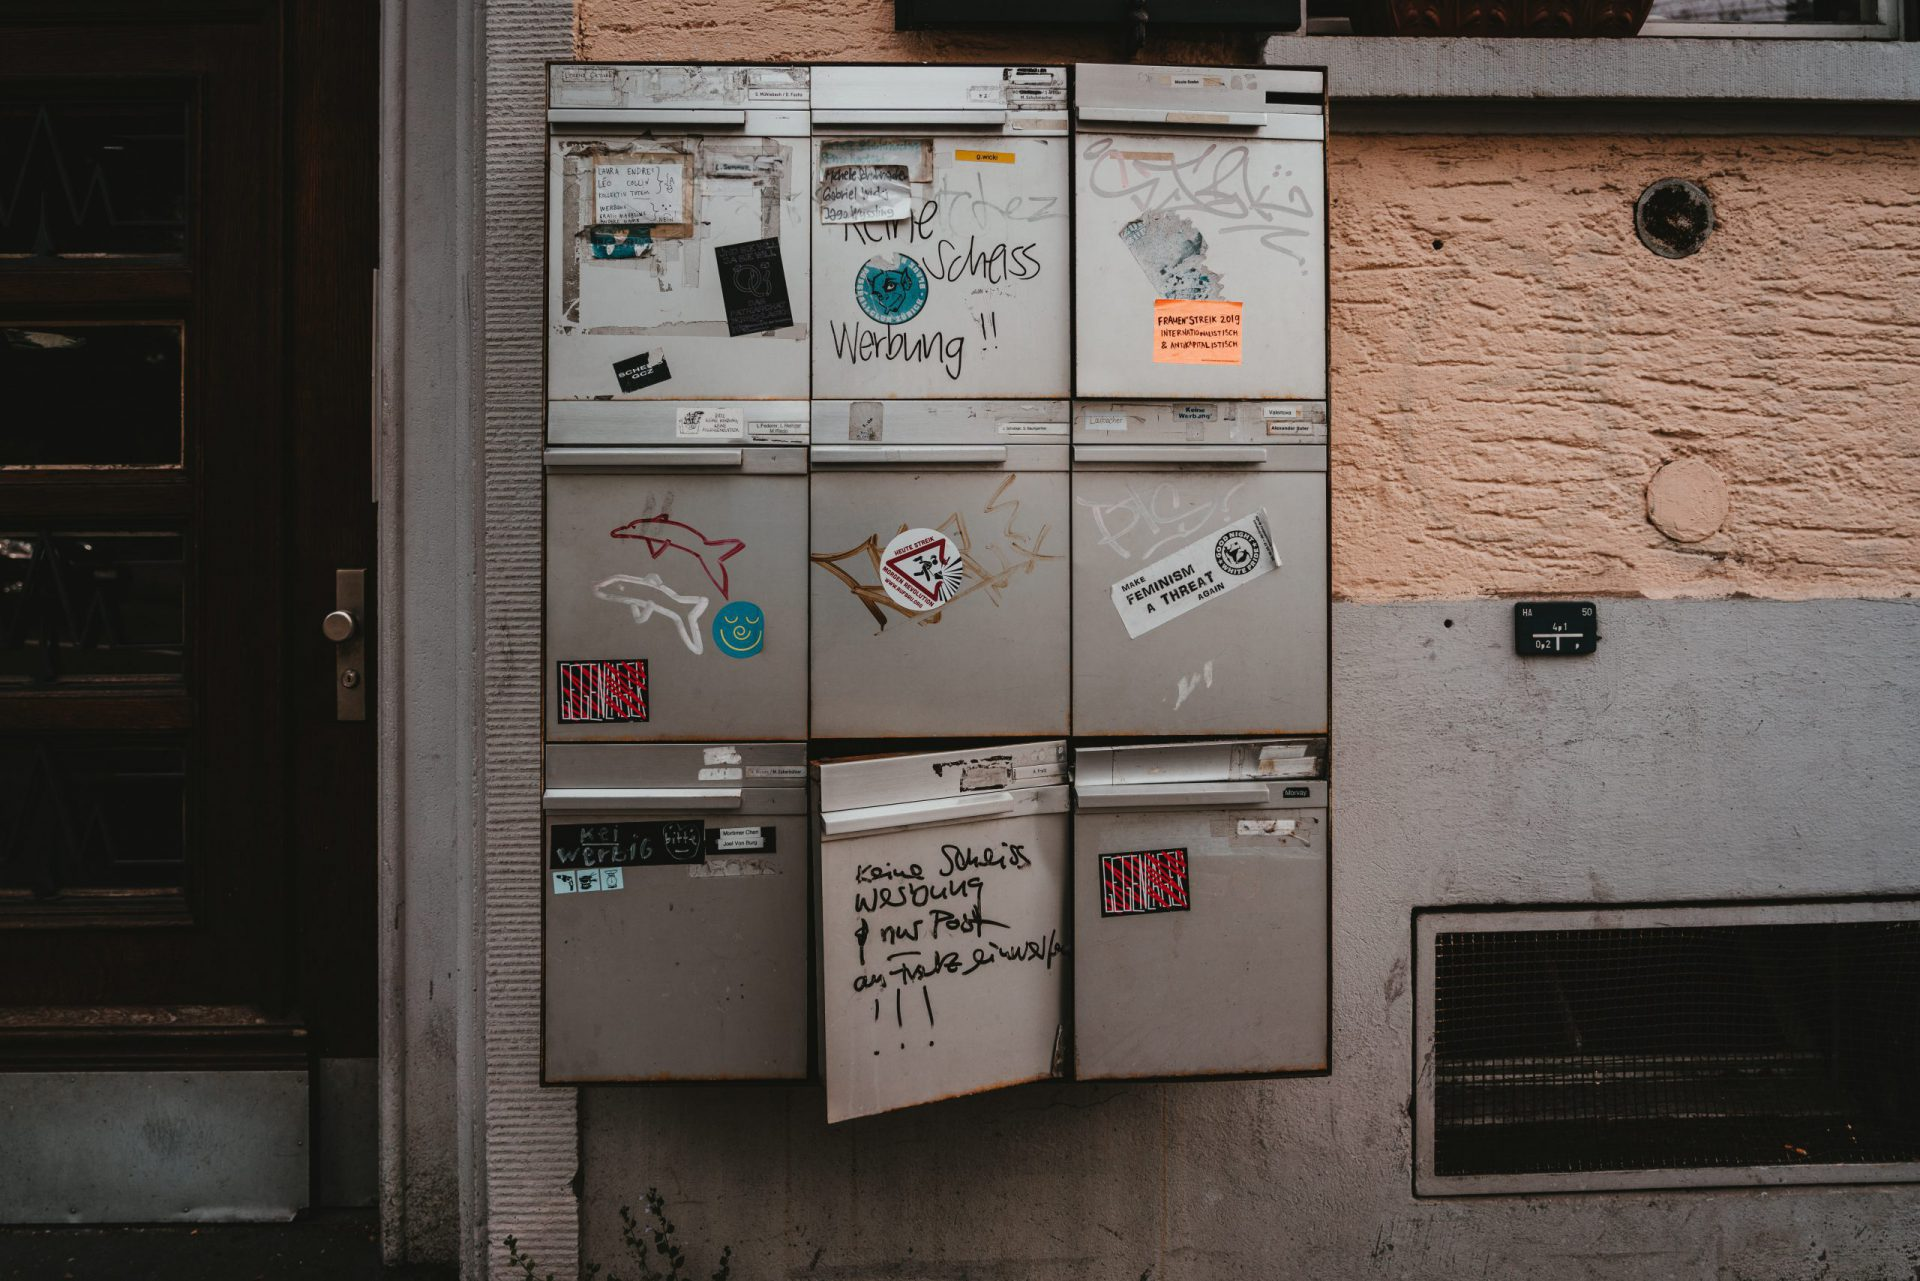 Briefkastenblock mit 9 Briefkästen, die Aufkleber und Schmierereien tragen